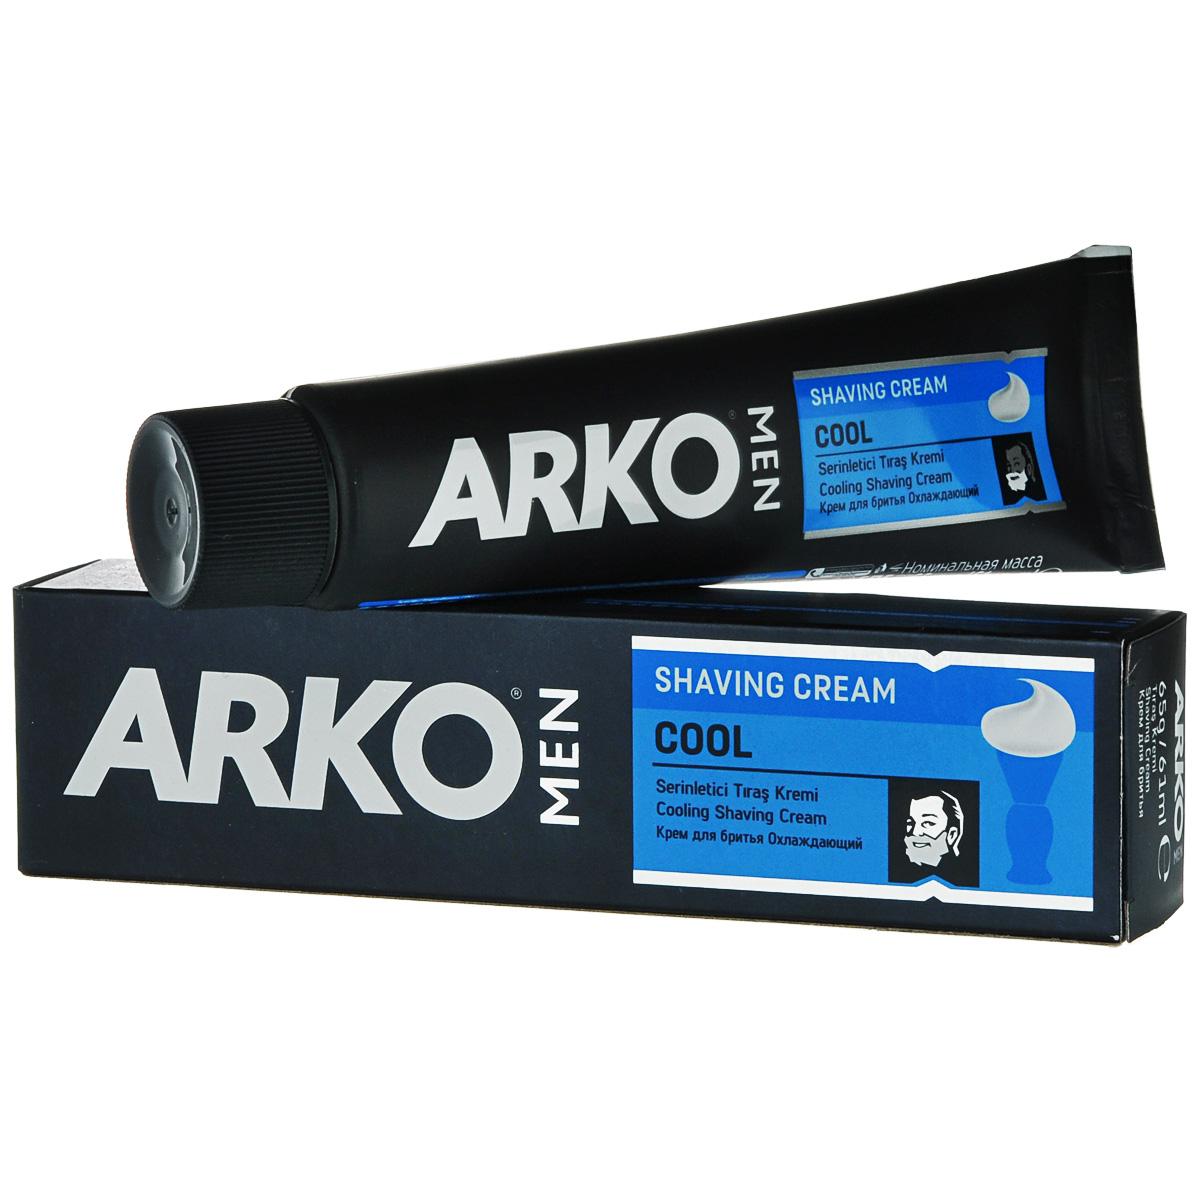 Arko MEN Крем для бритья Cool 65г53124Экономичное традиционное средство для бритья. Благодаря натуральным смягчающим компонентам оказывает увлажняющее и освежающее действие на кожу.